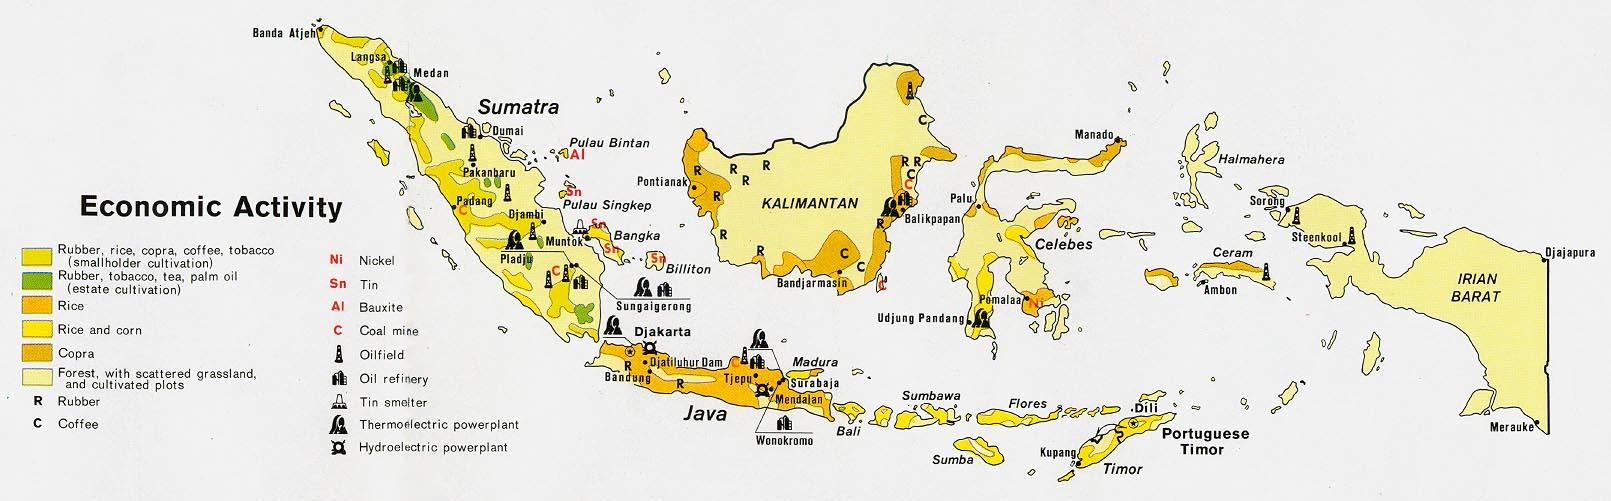 Indonesia Economic Activity Map